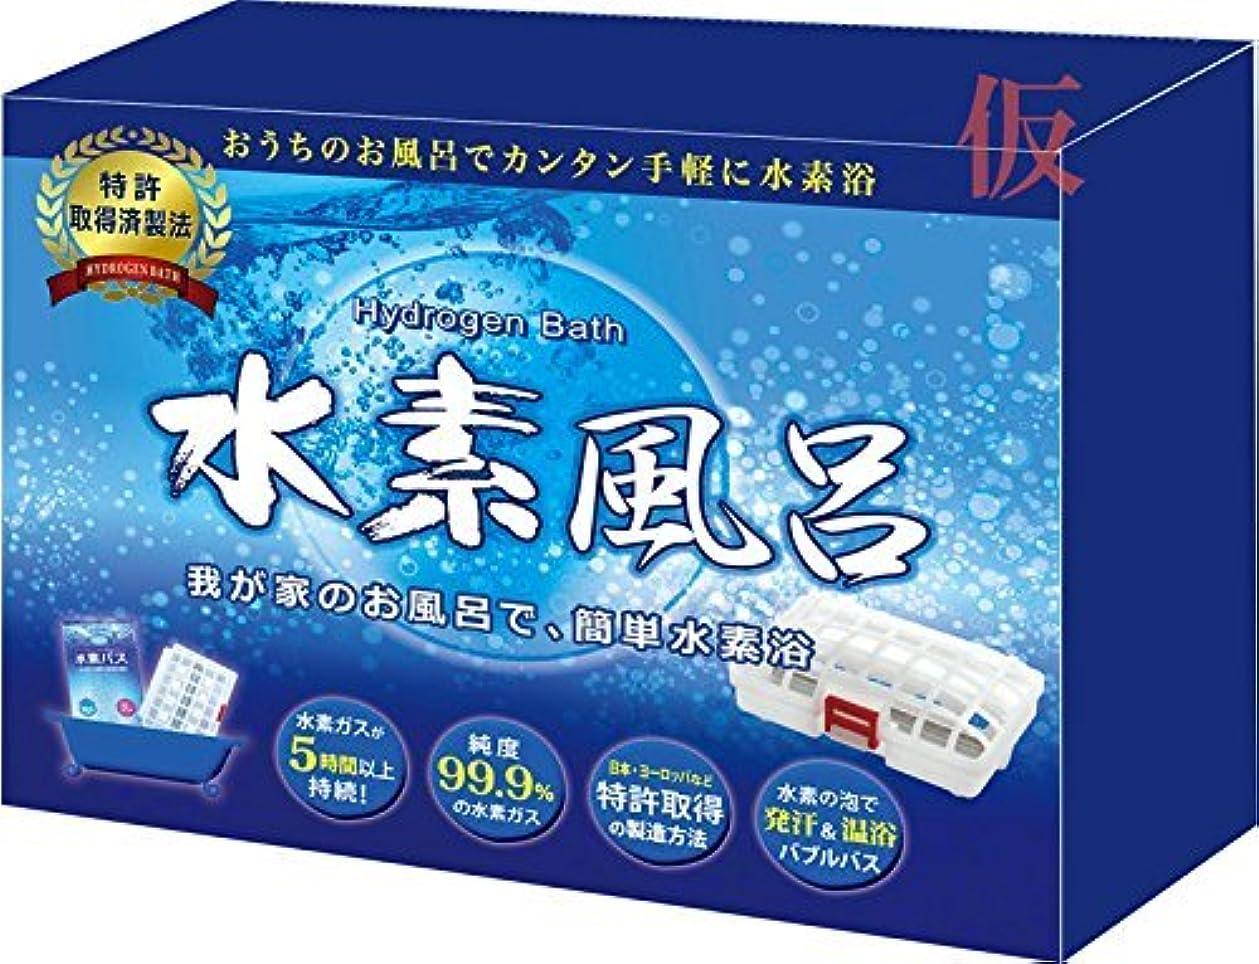 血赤外線ヘクタール水素風呂 4袋